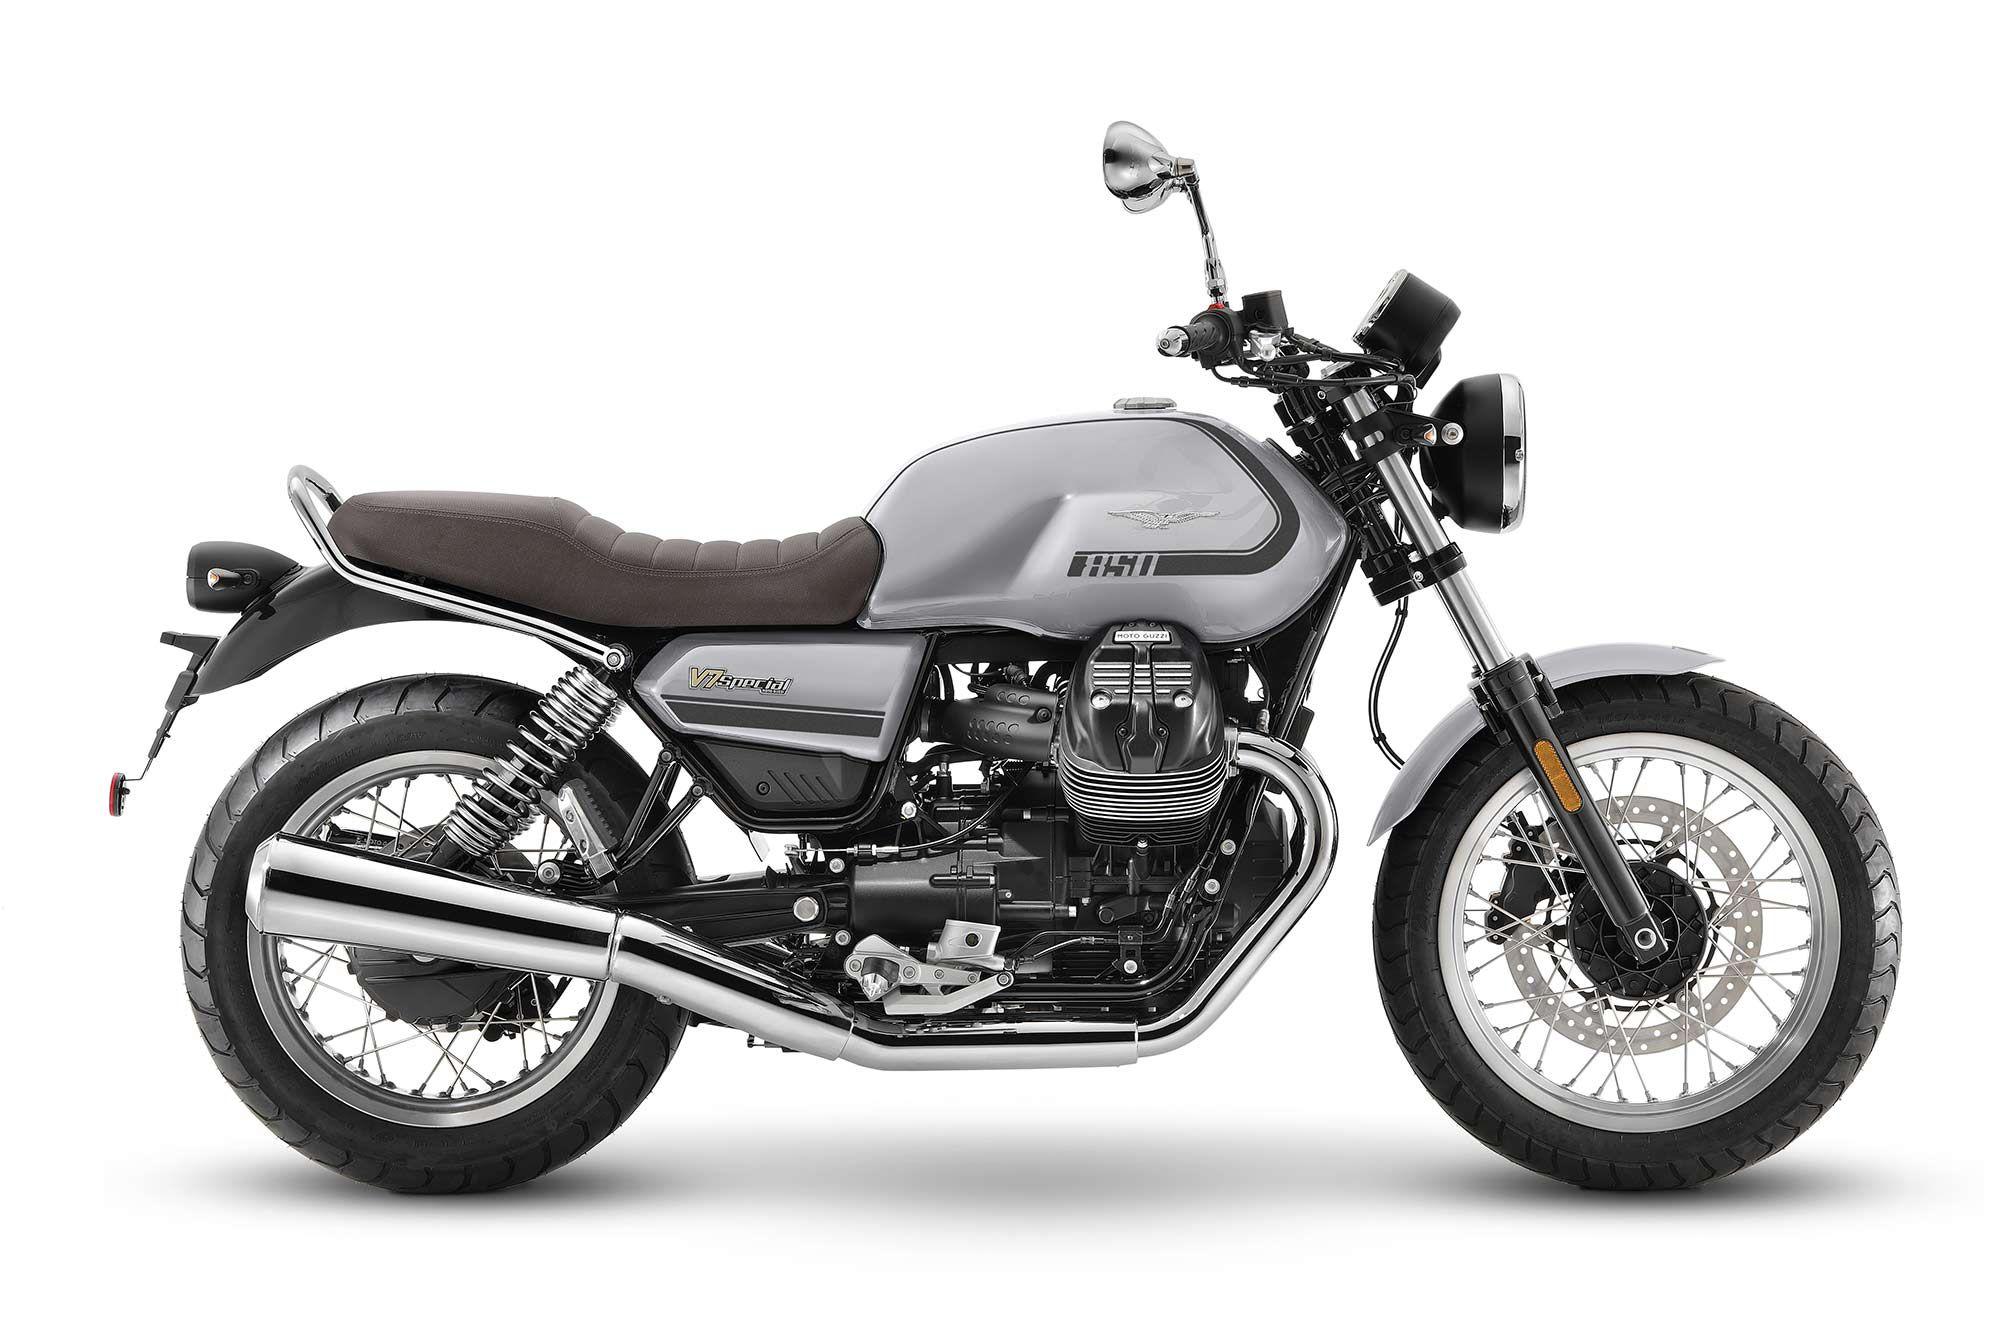 2021 Moto Guzzi V7 Special (Grigio Casual).